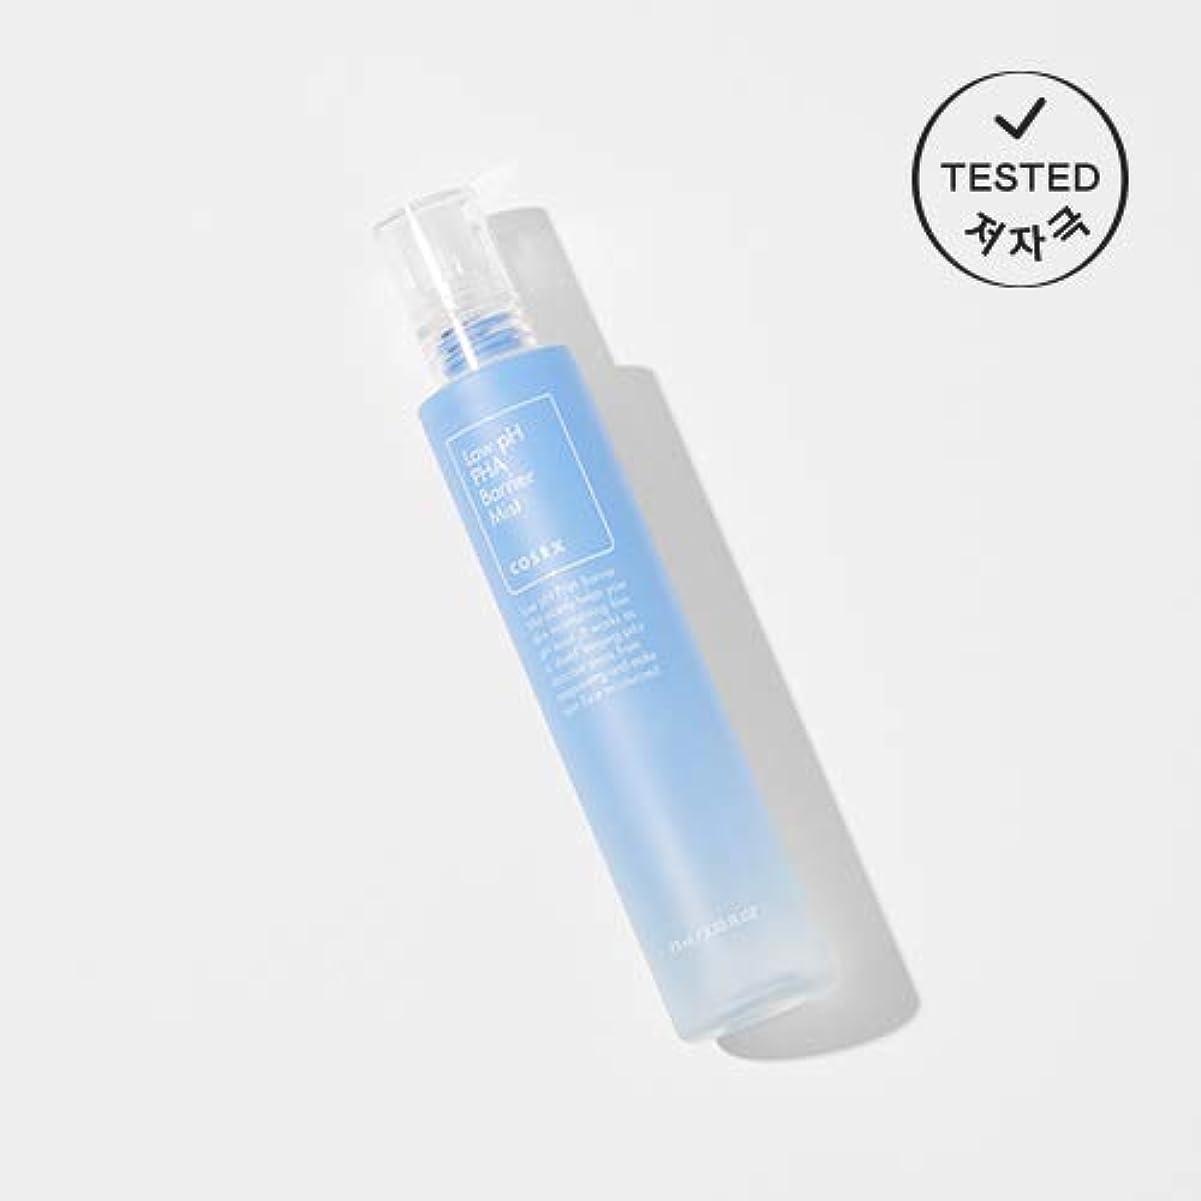 ラウンジ変形する味[COSRX] Low pH PHA Barrier Mist 75ml [並行輸入品]